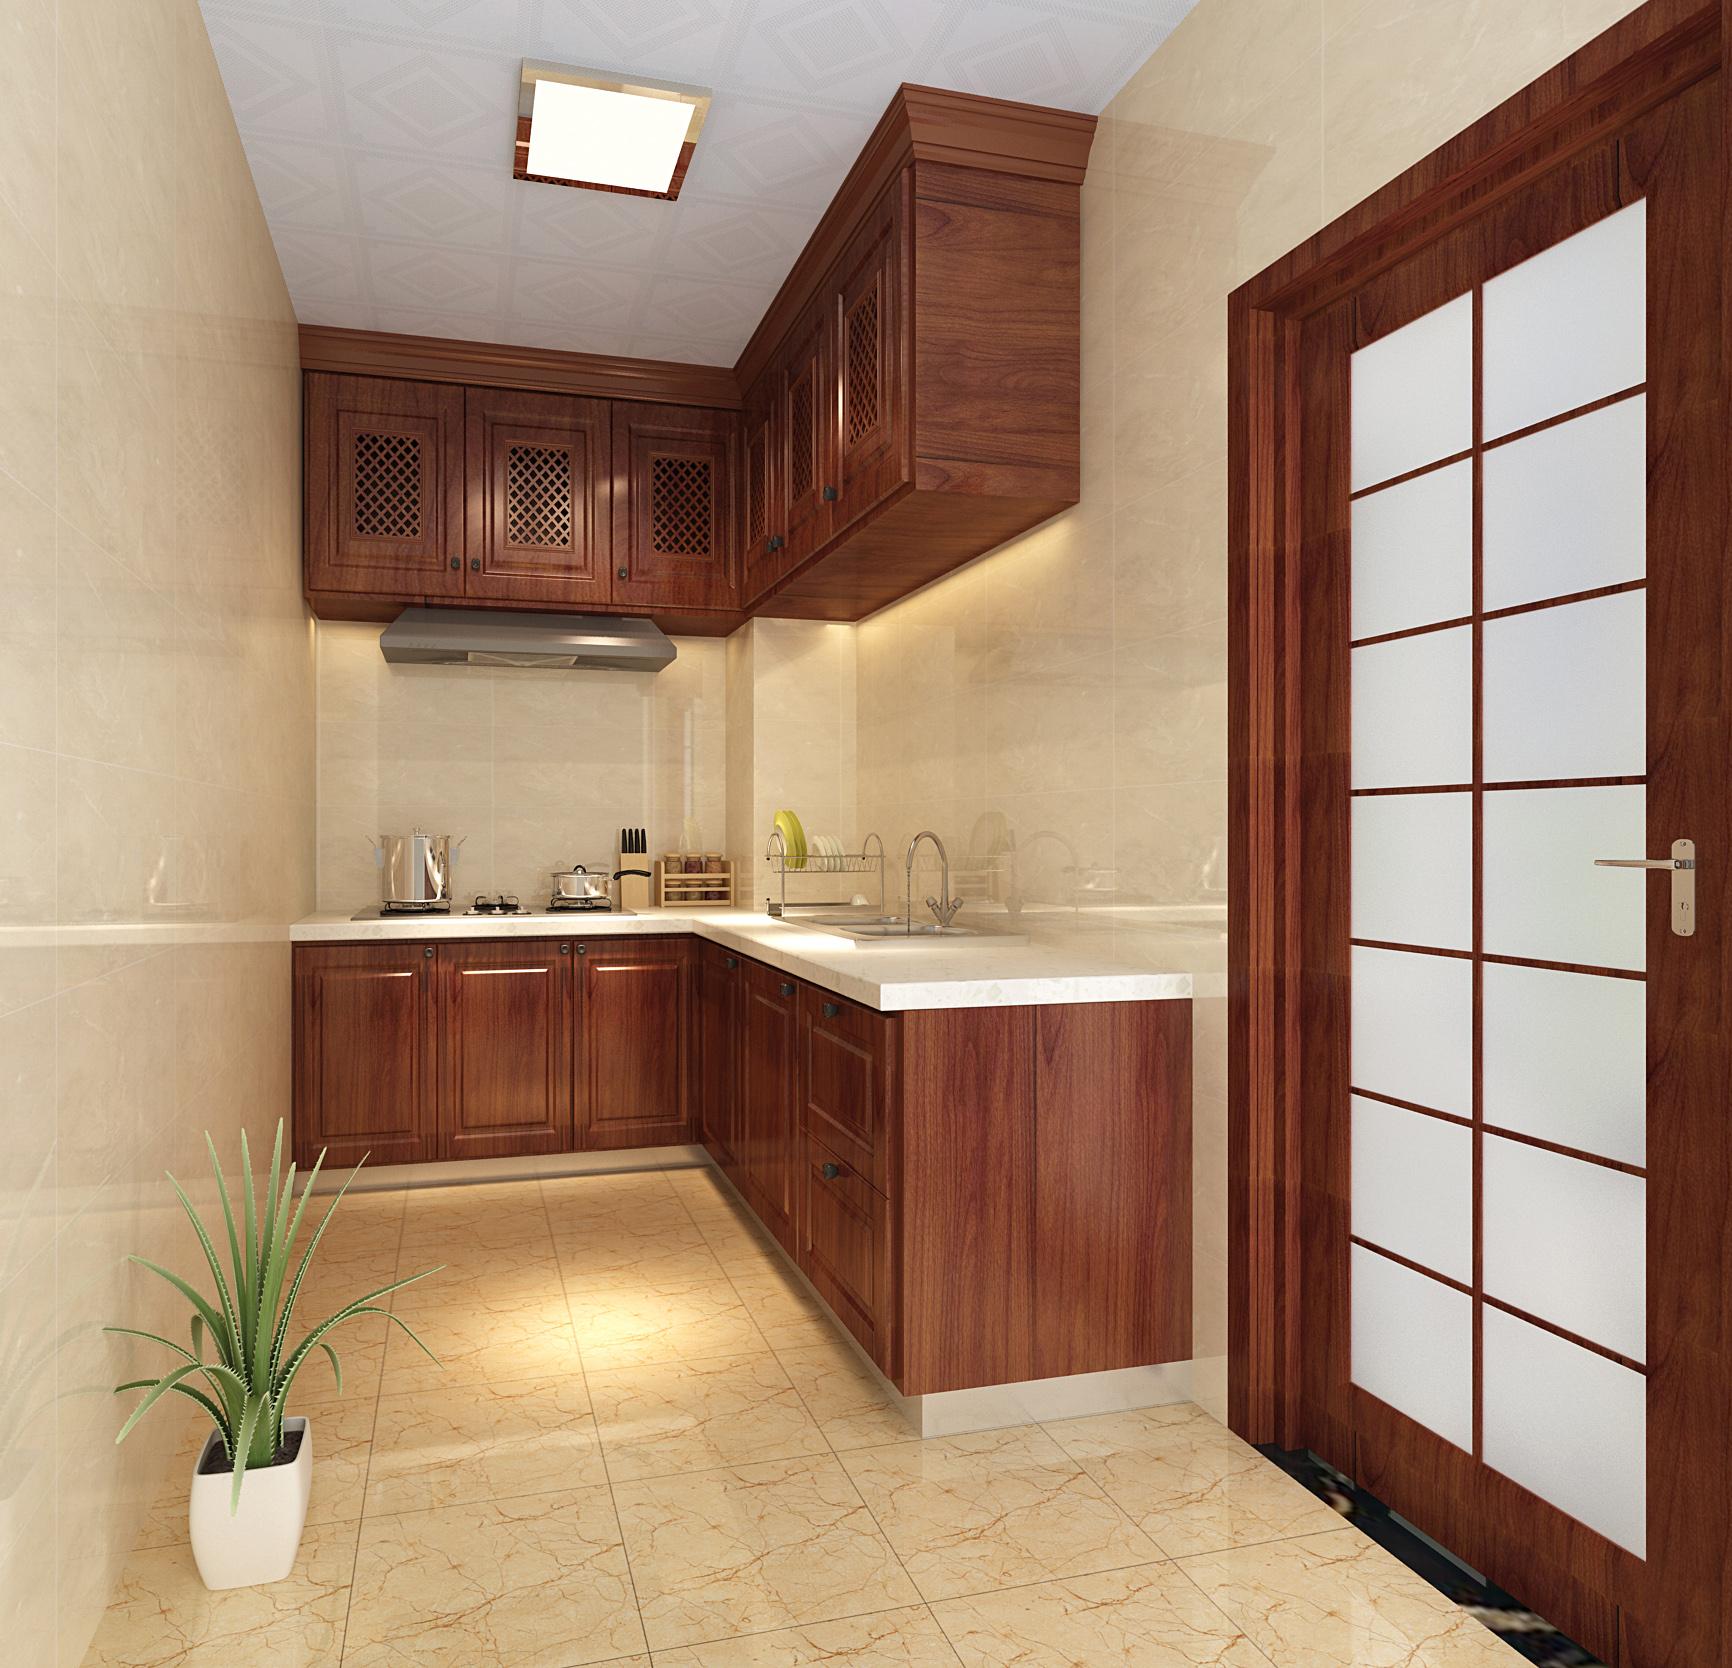 中式 风格 二居 厨房图片来自轻舟装饰-90后的华仔在融城-120平米-中式风格的分享